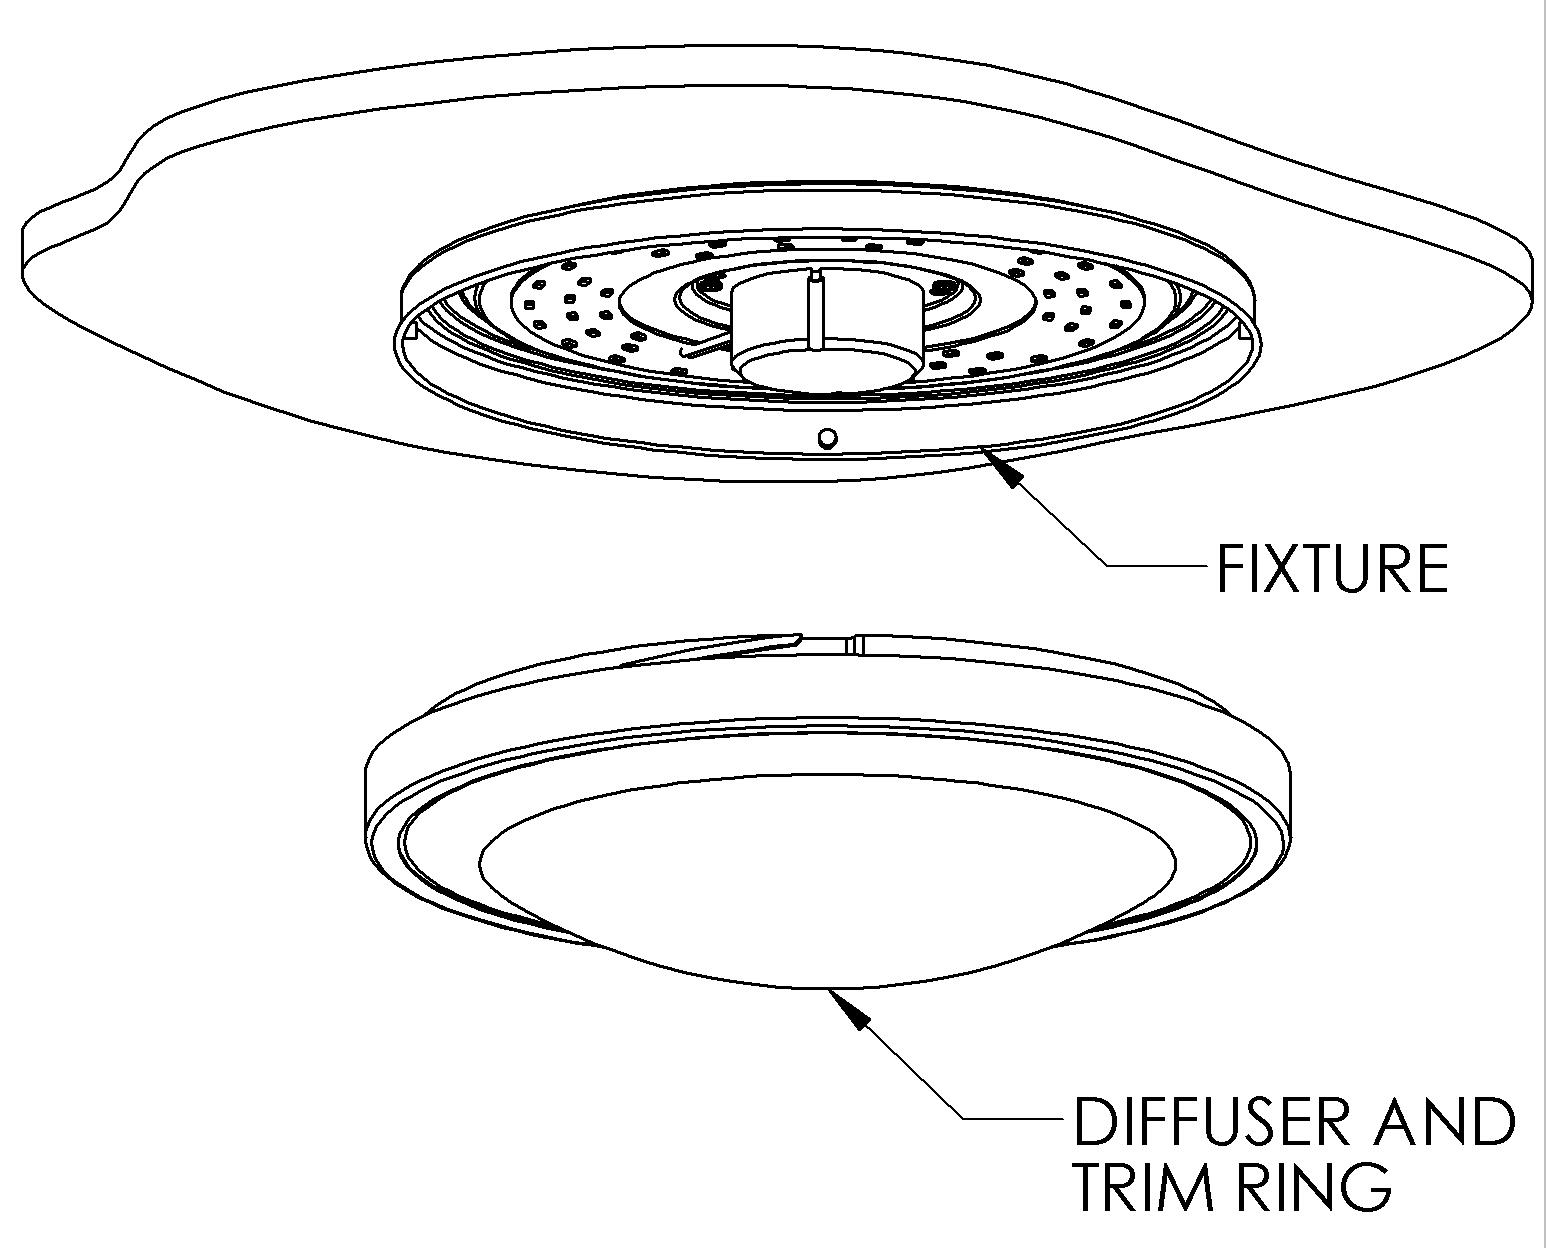 hight resolution of 1546x1248 12 flush mount led ceiling light w white housing